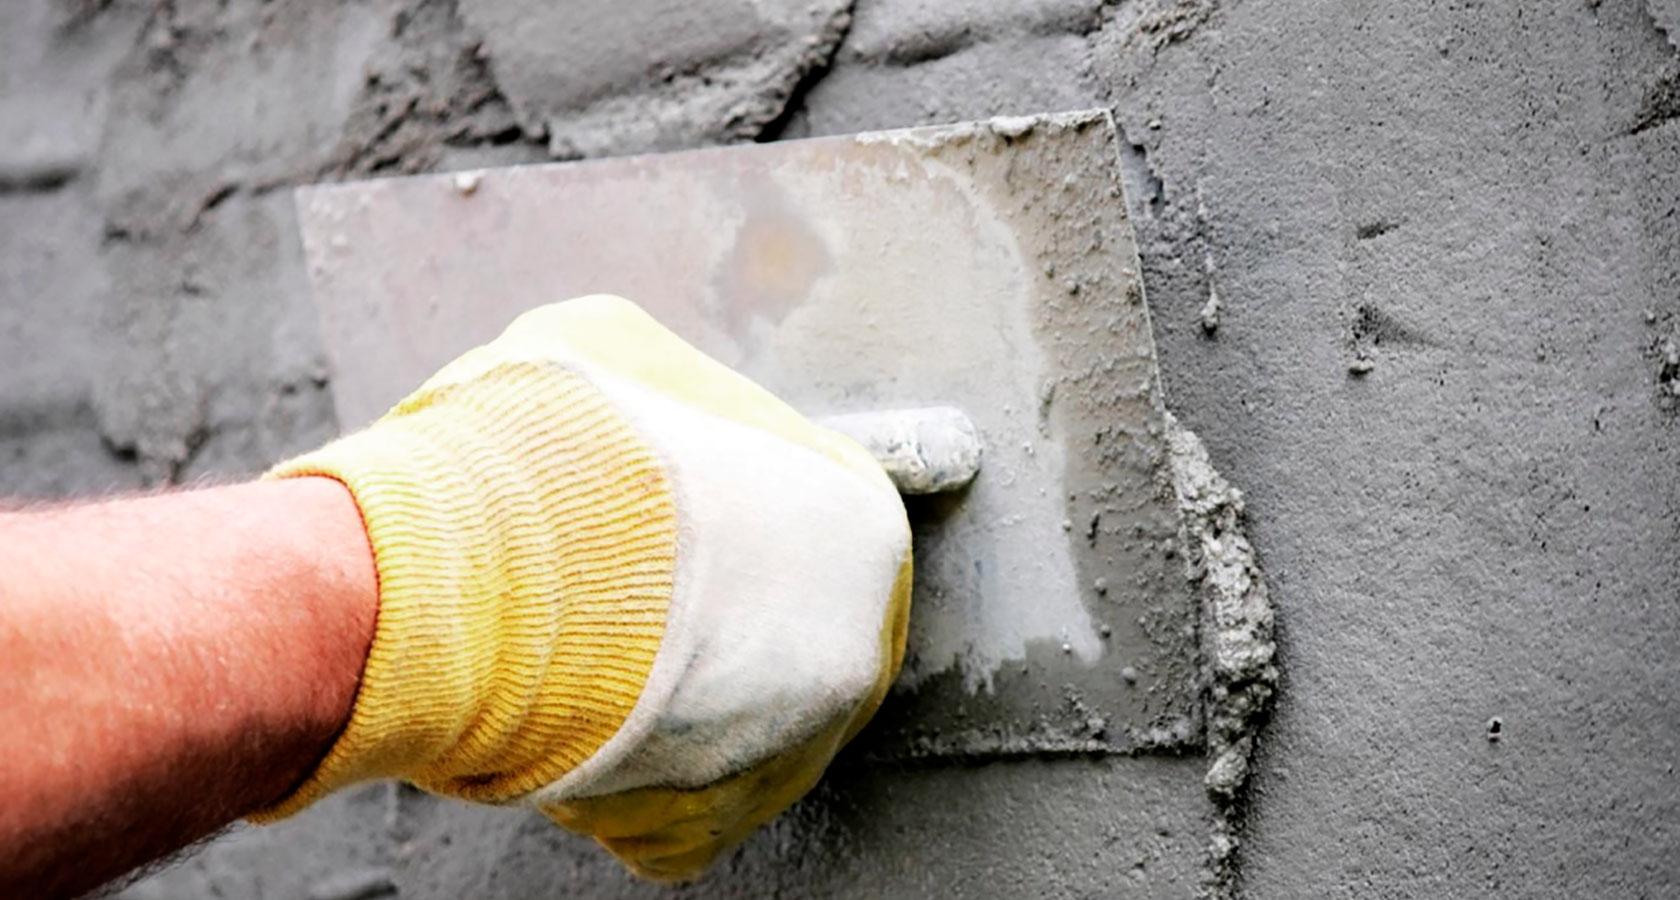 Штукатурка для керамзитобетона цементный раствор расход для кладки кирпича